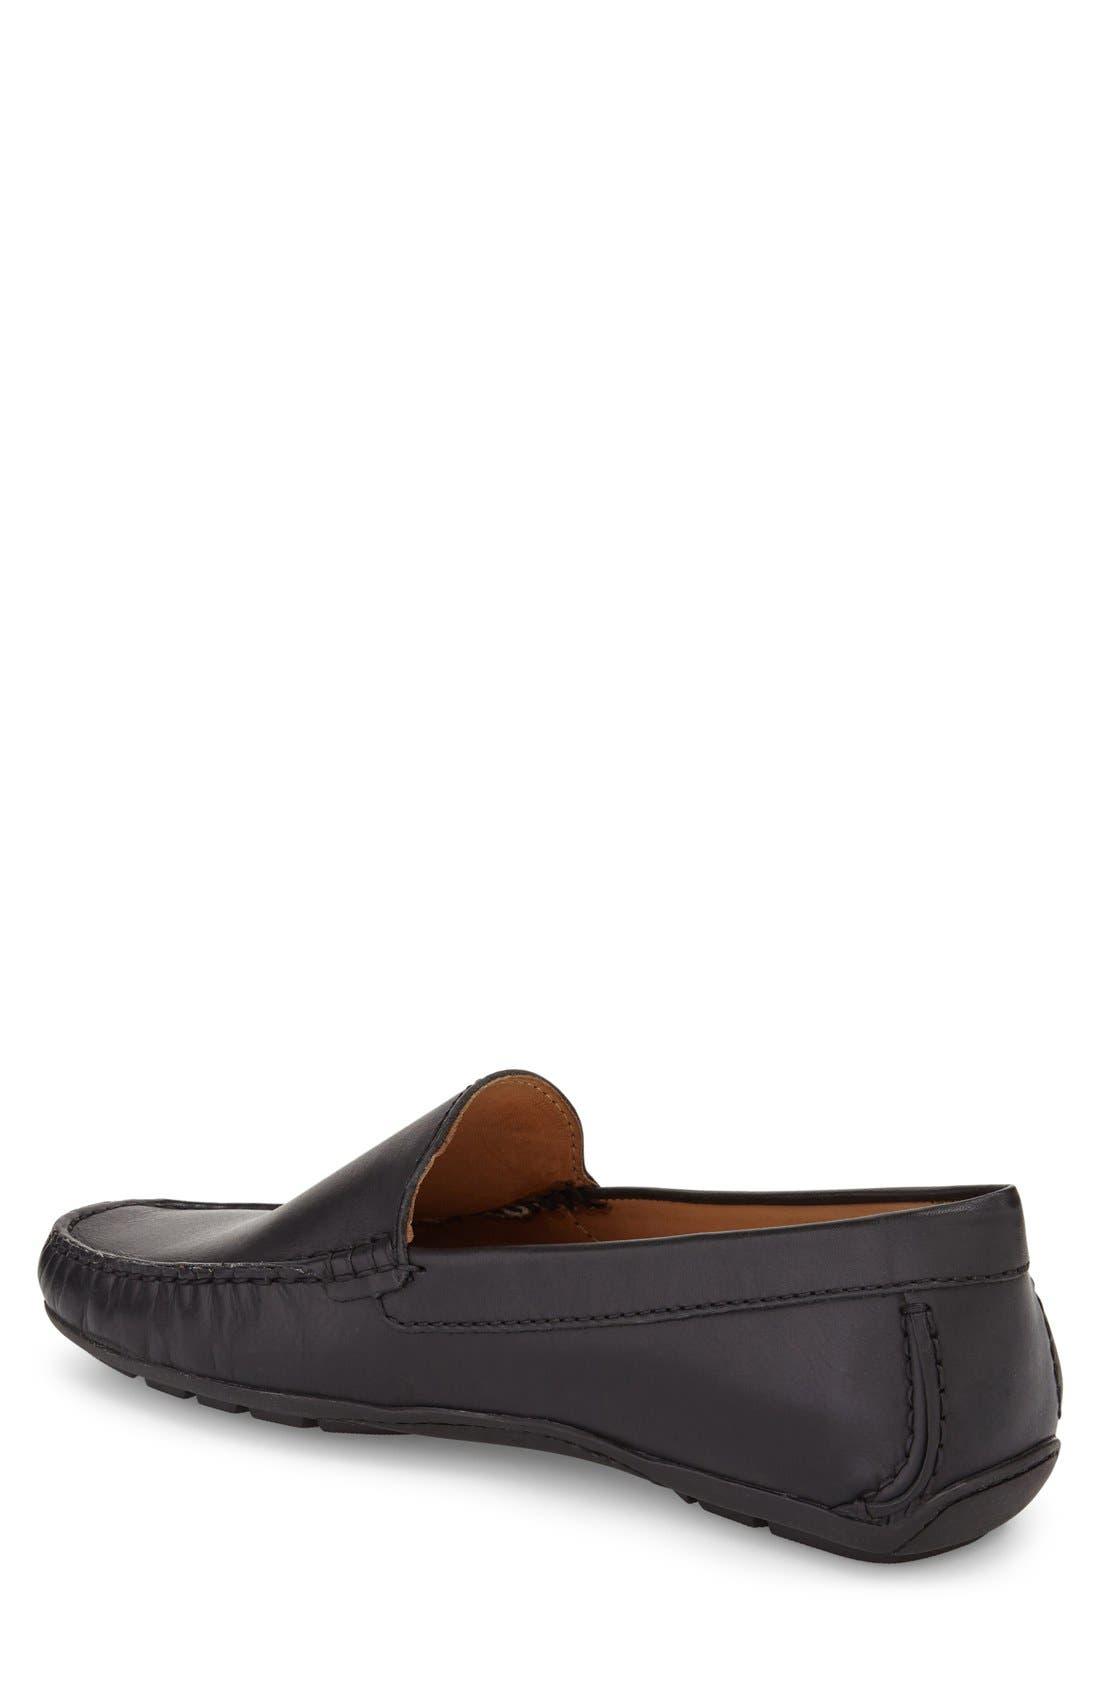 Venetian Driving Loafer,                             Alternate thumbnail 2, color,                             001